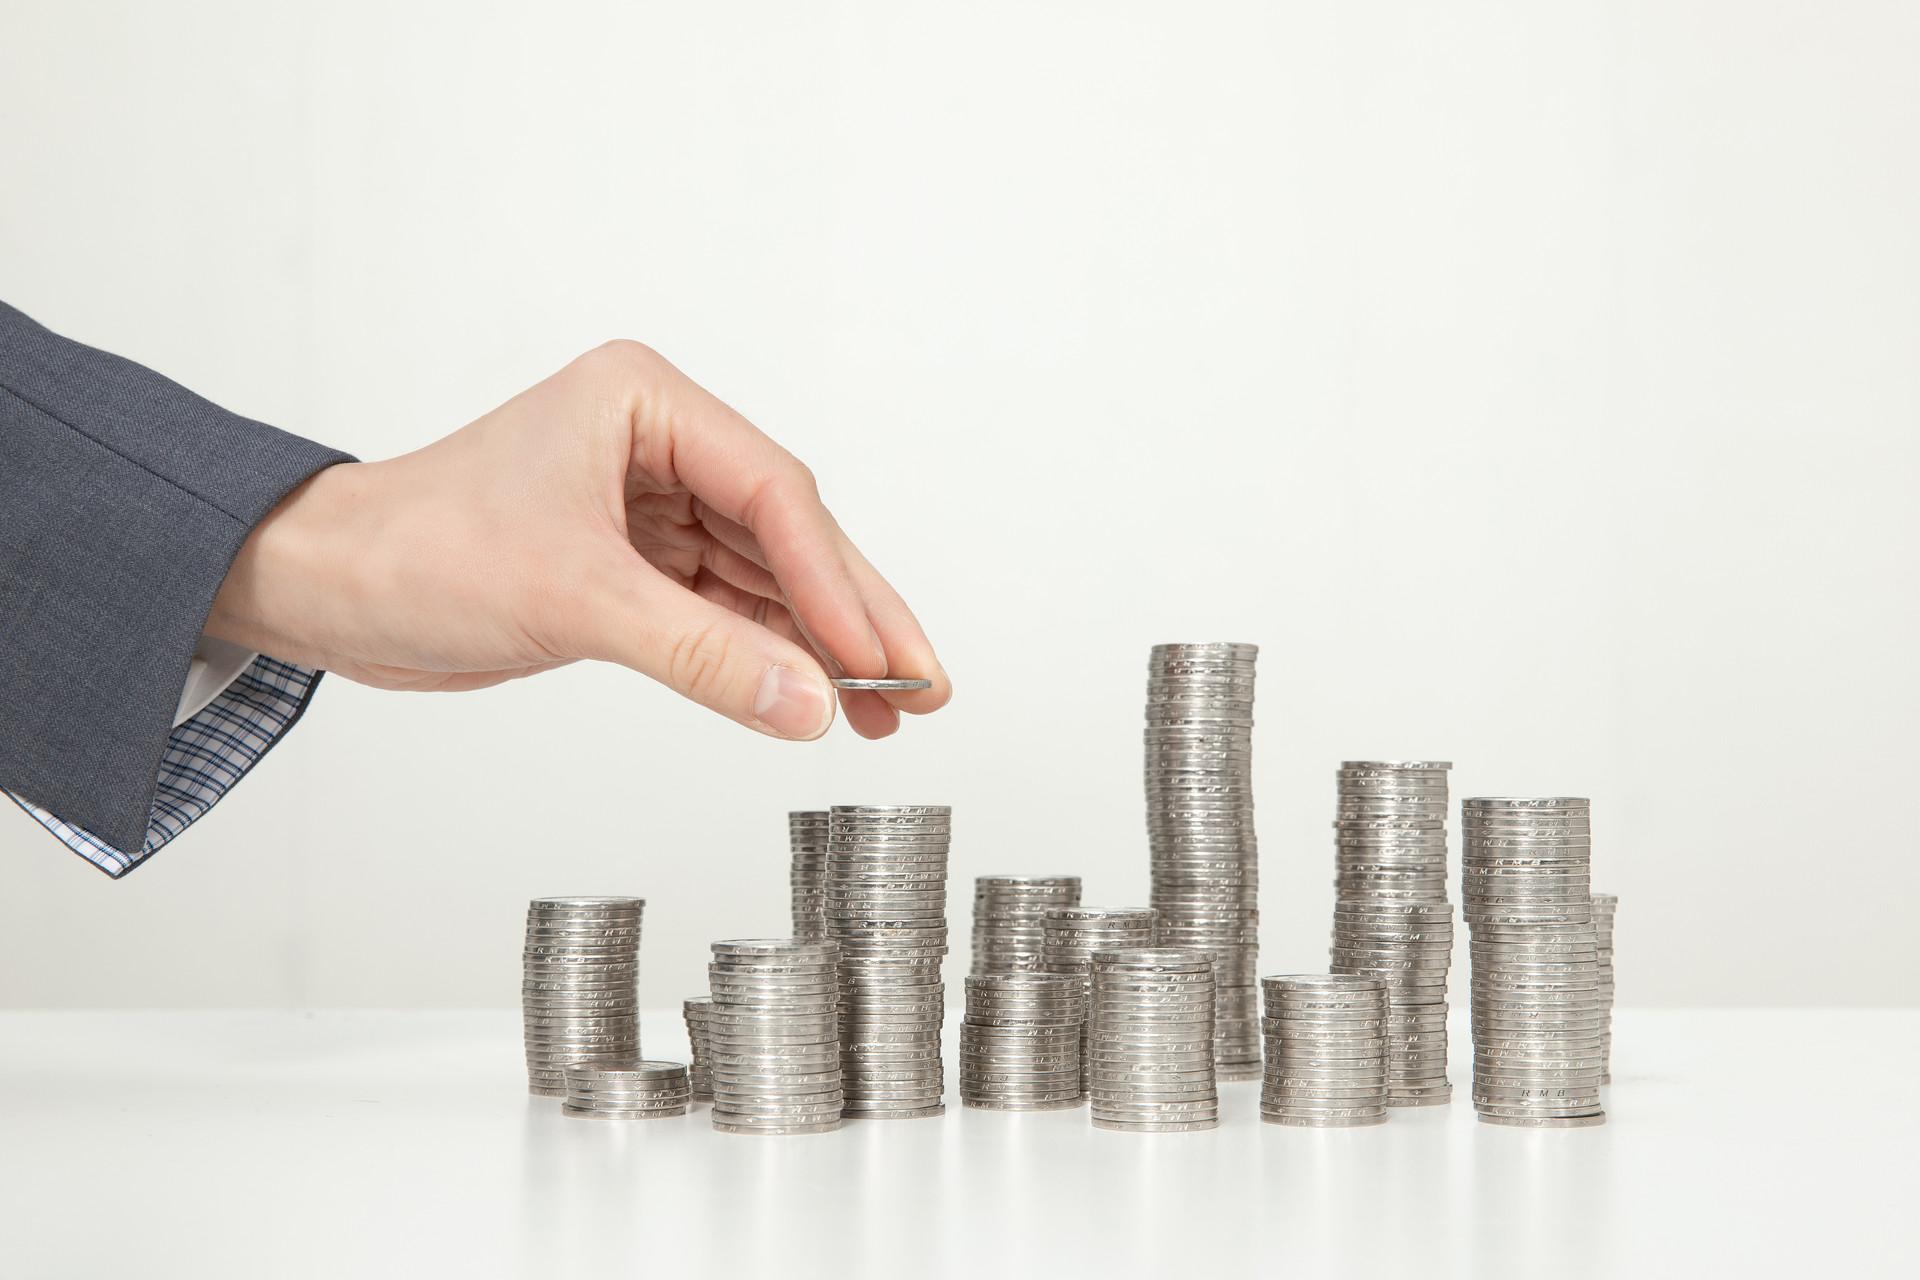 买年金理财保险划算吗